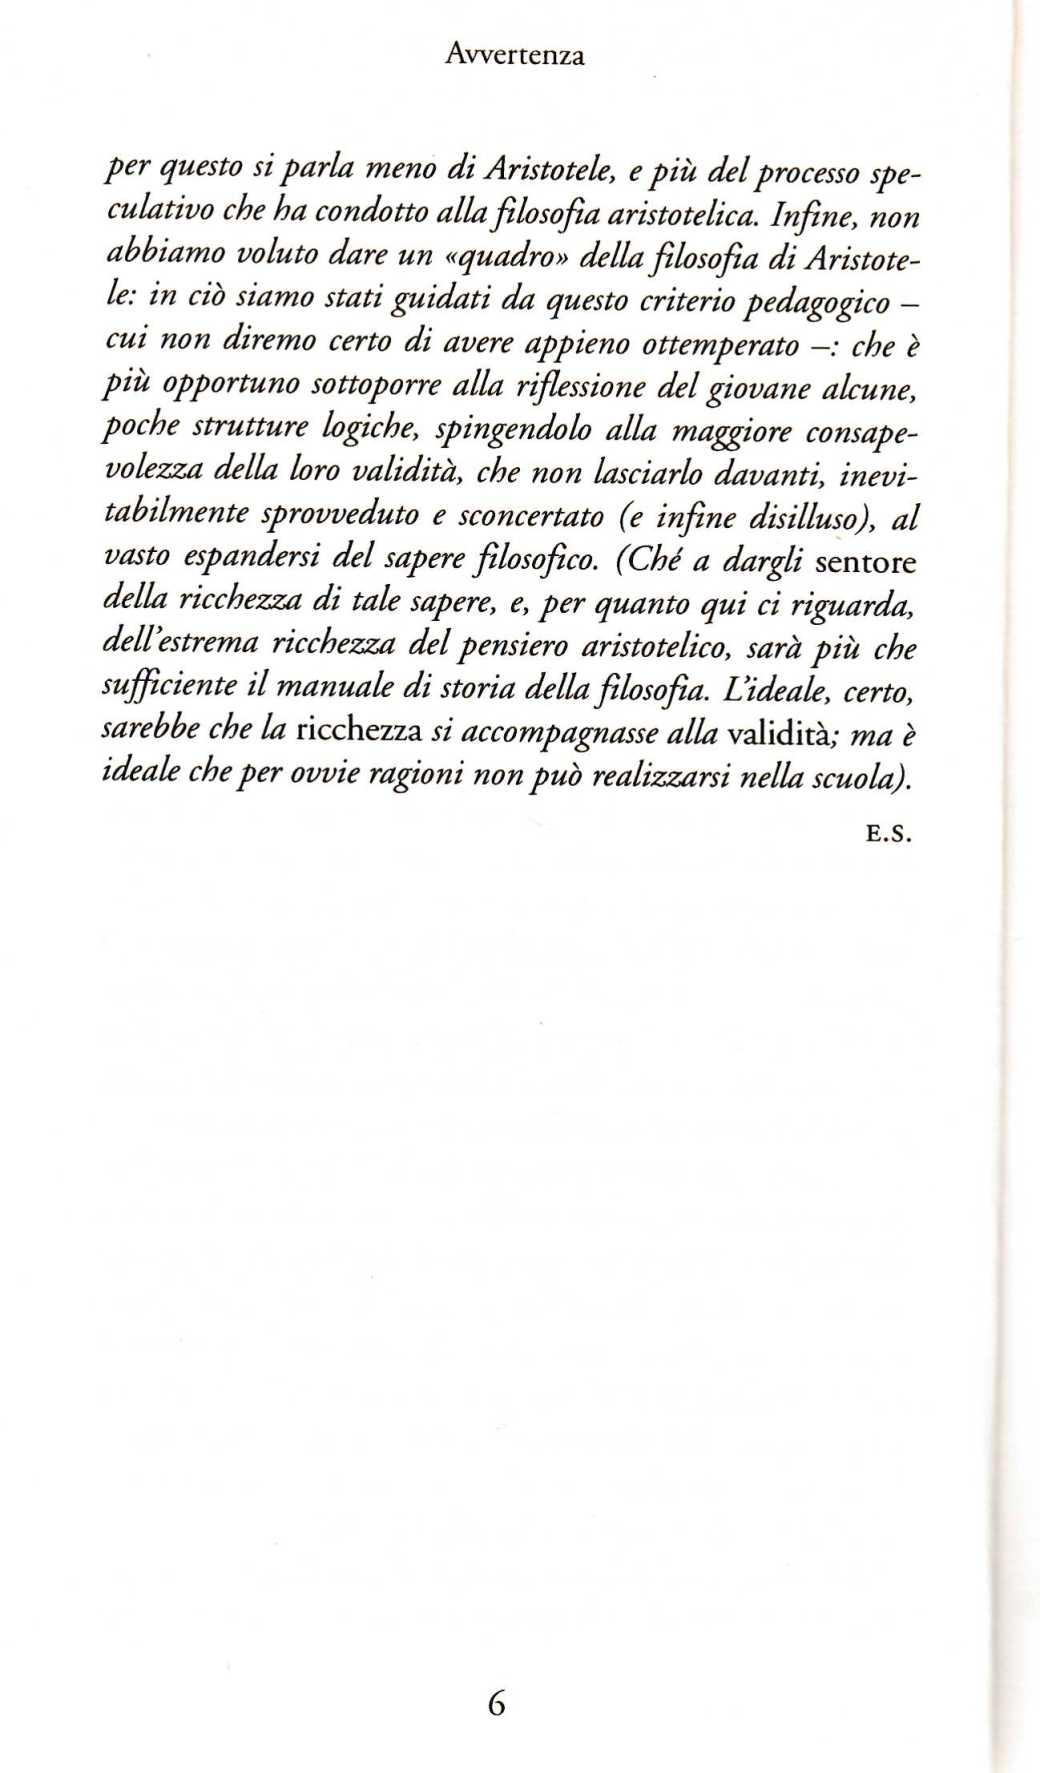 aristotele divenire194